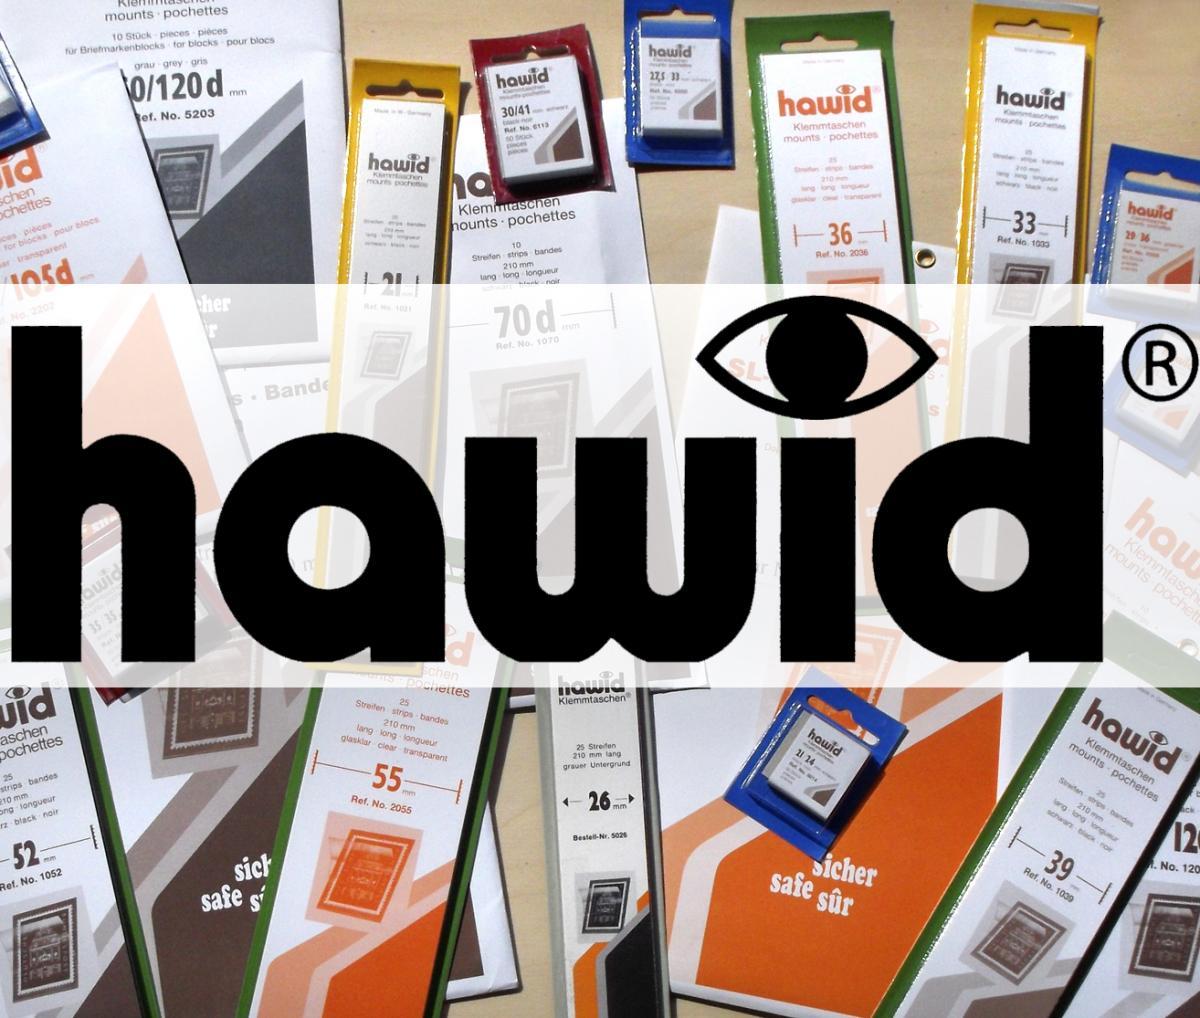 HAWID-Streifen 2021, 210 x 21 mm, glasklar, 25 Stück (gelbe Verpackung)